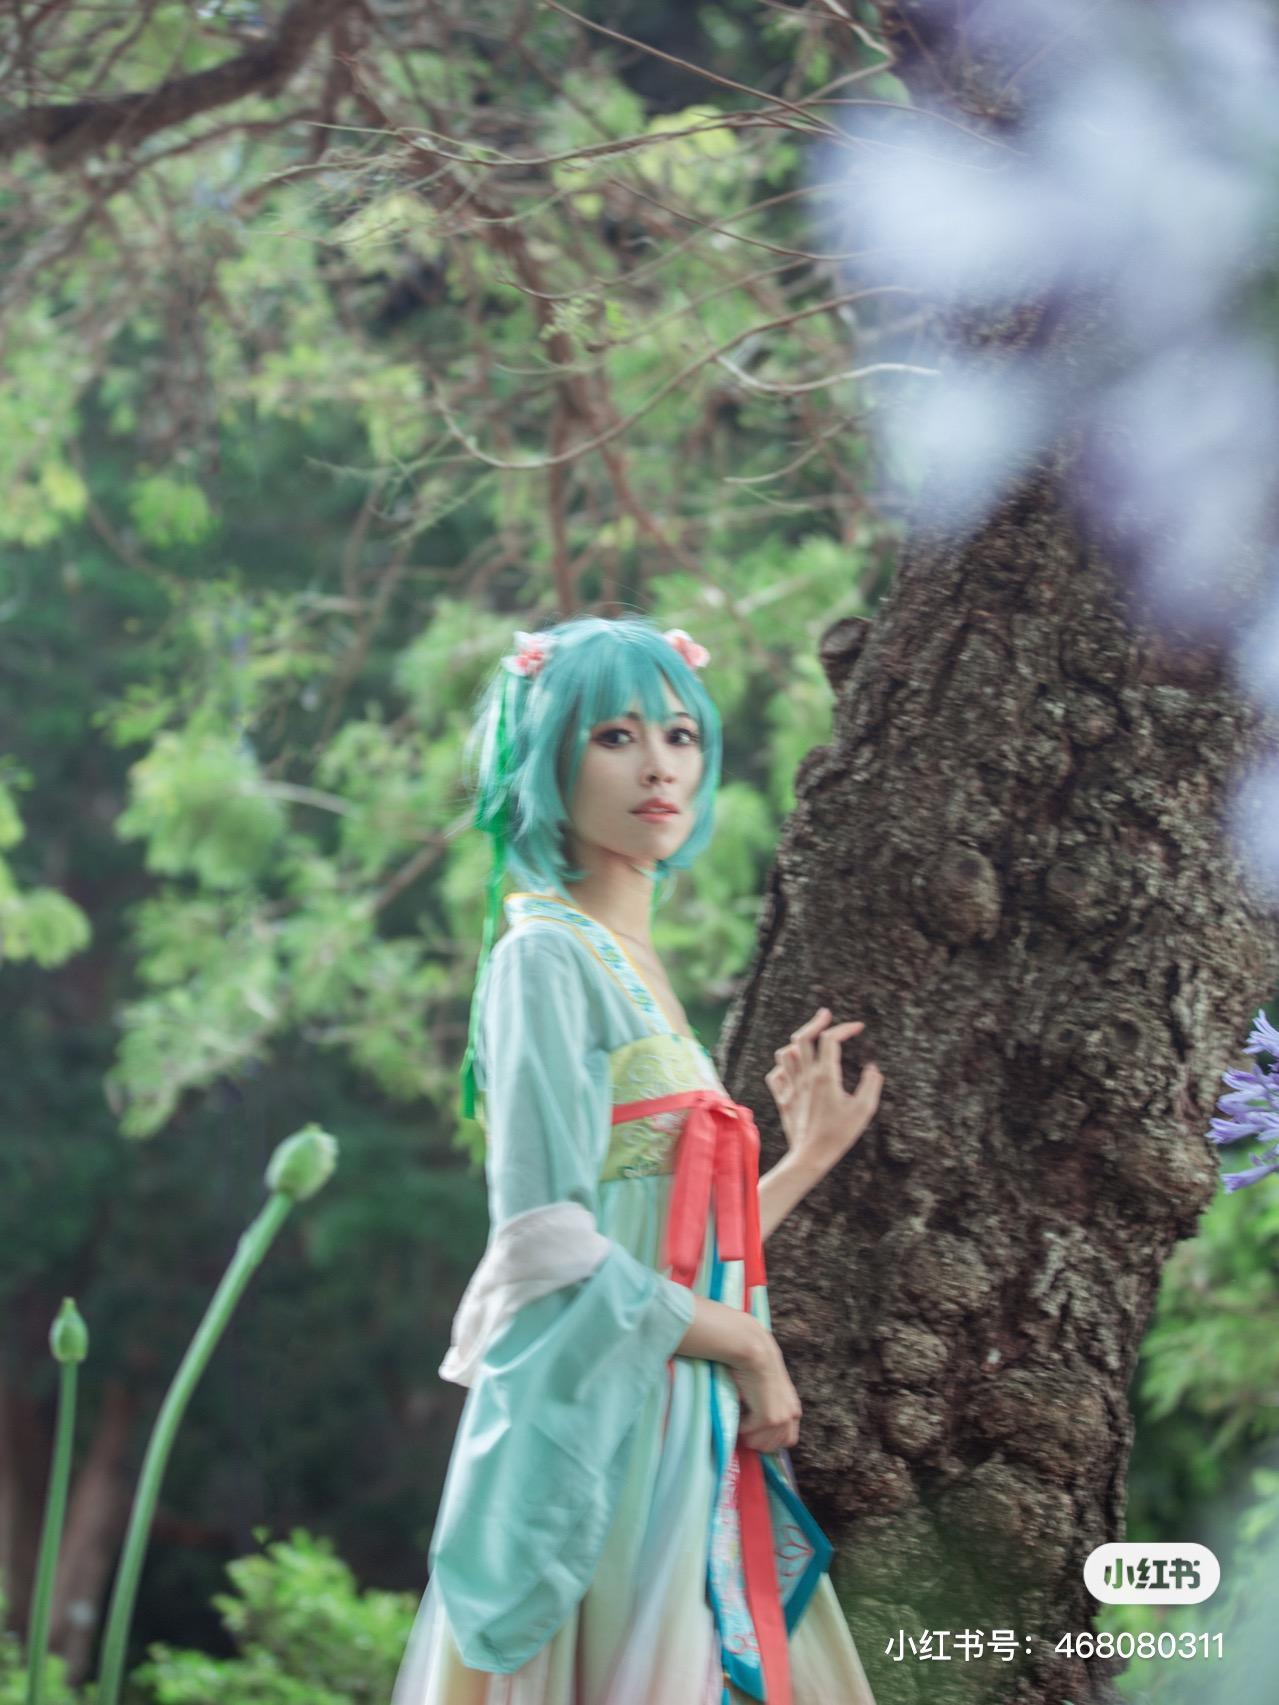 《王者荣耀》摄影cosplay【CN:Starry是佀苔礼】-第9张